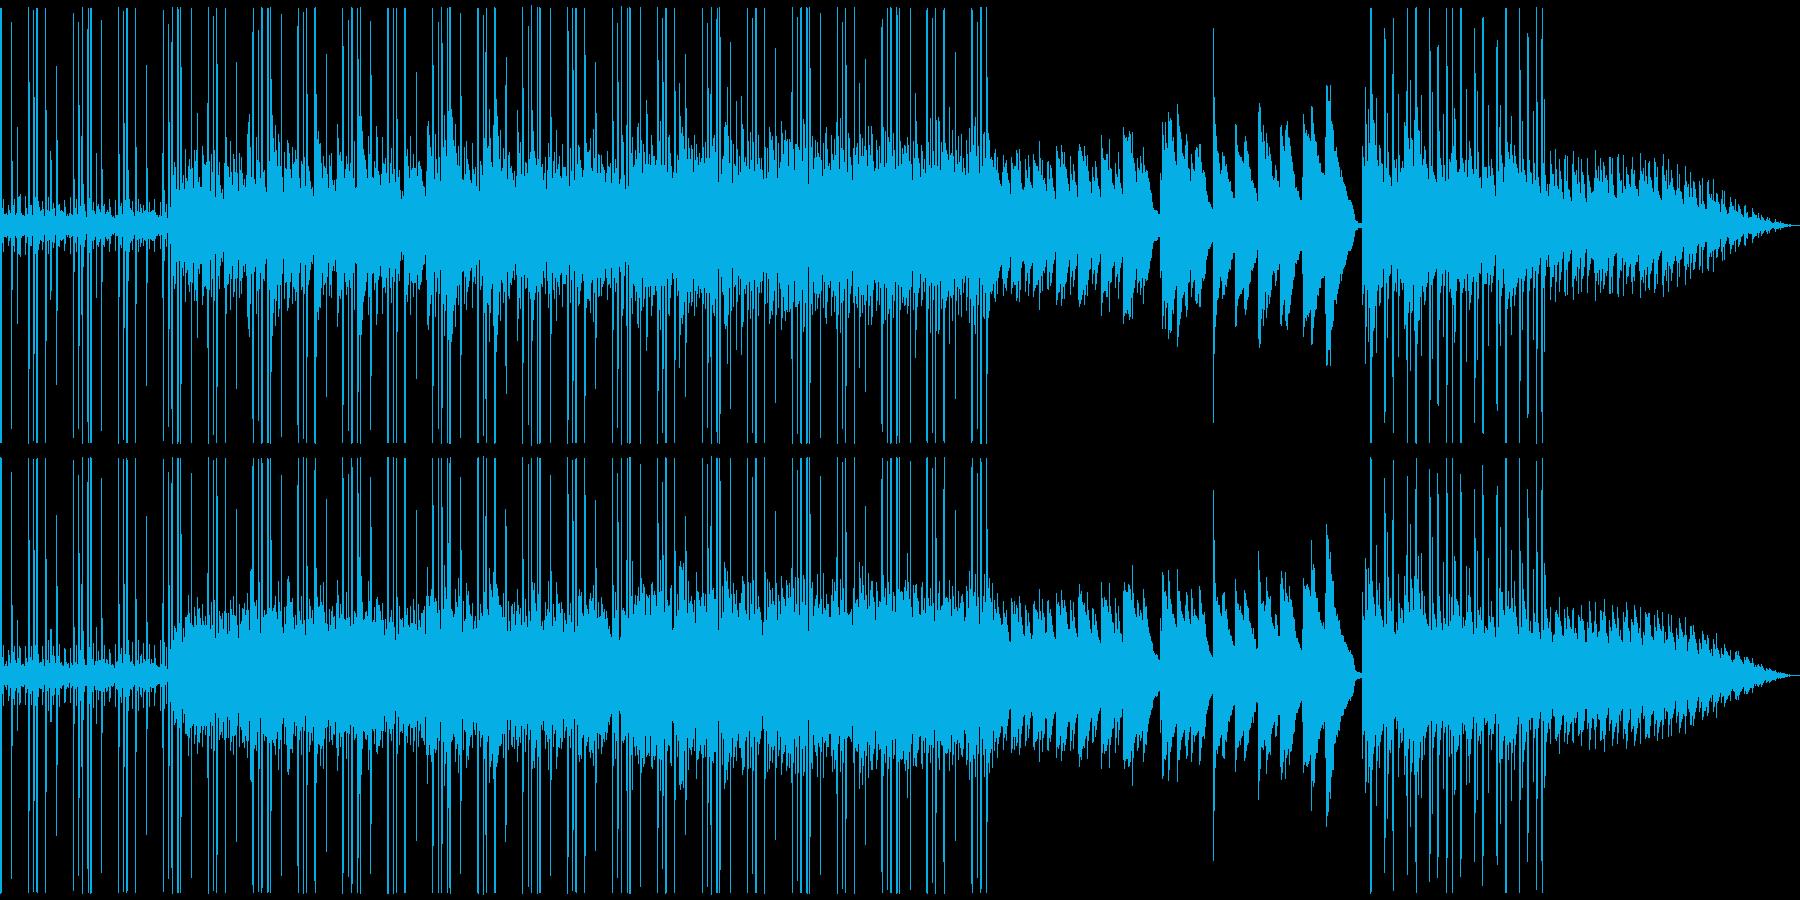 切なくも心地良いチル系リラックスBGMの再生済みの波形